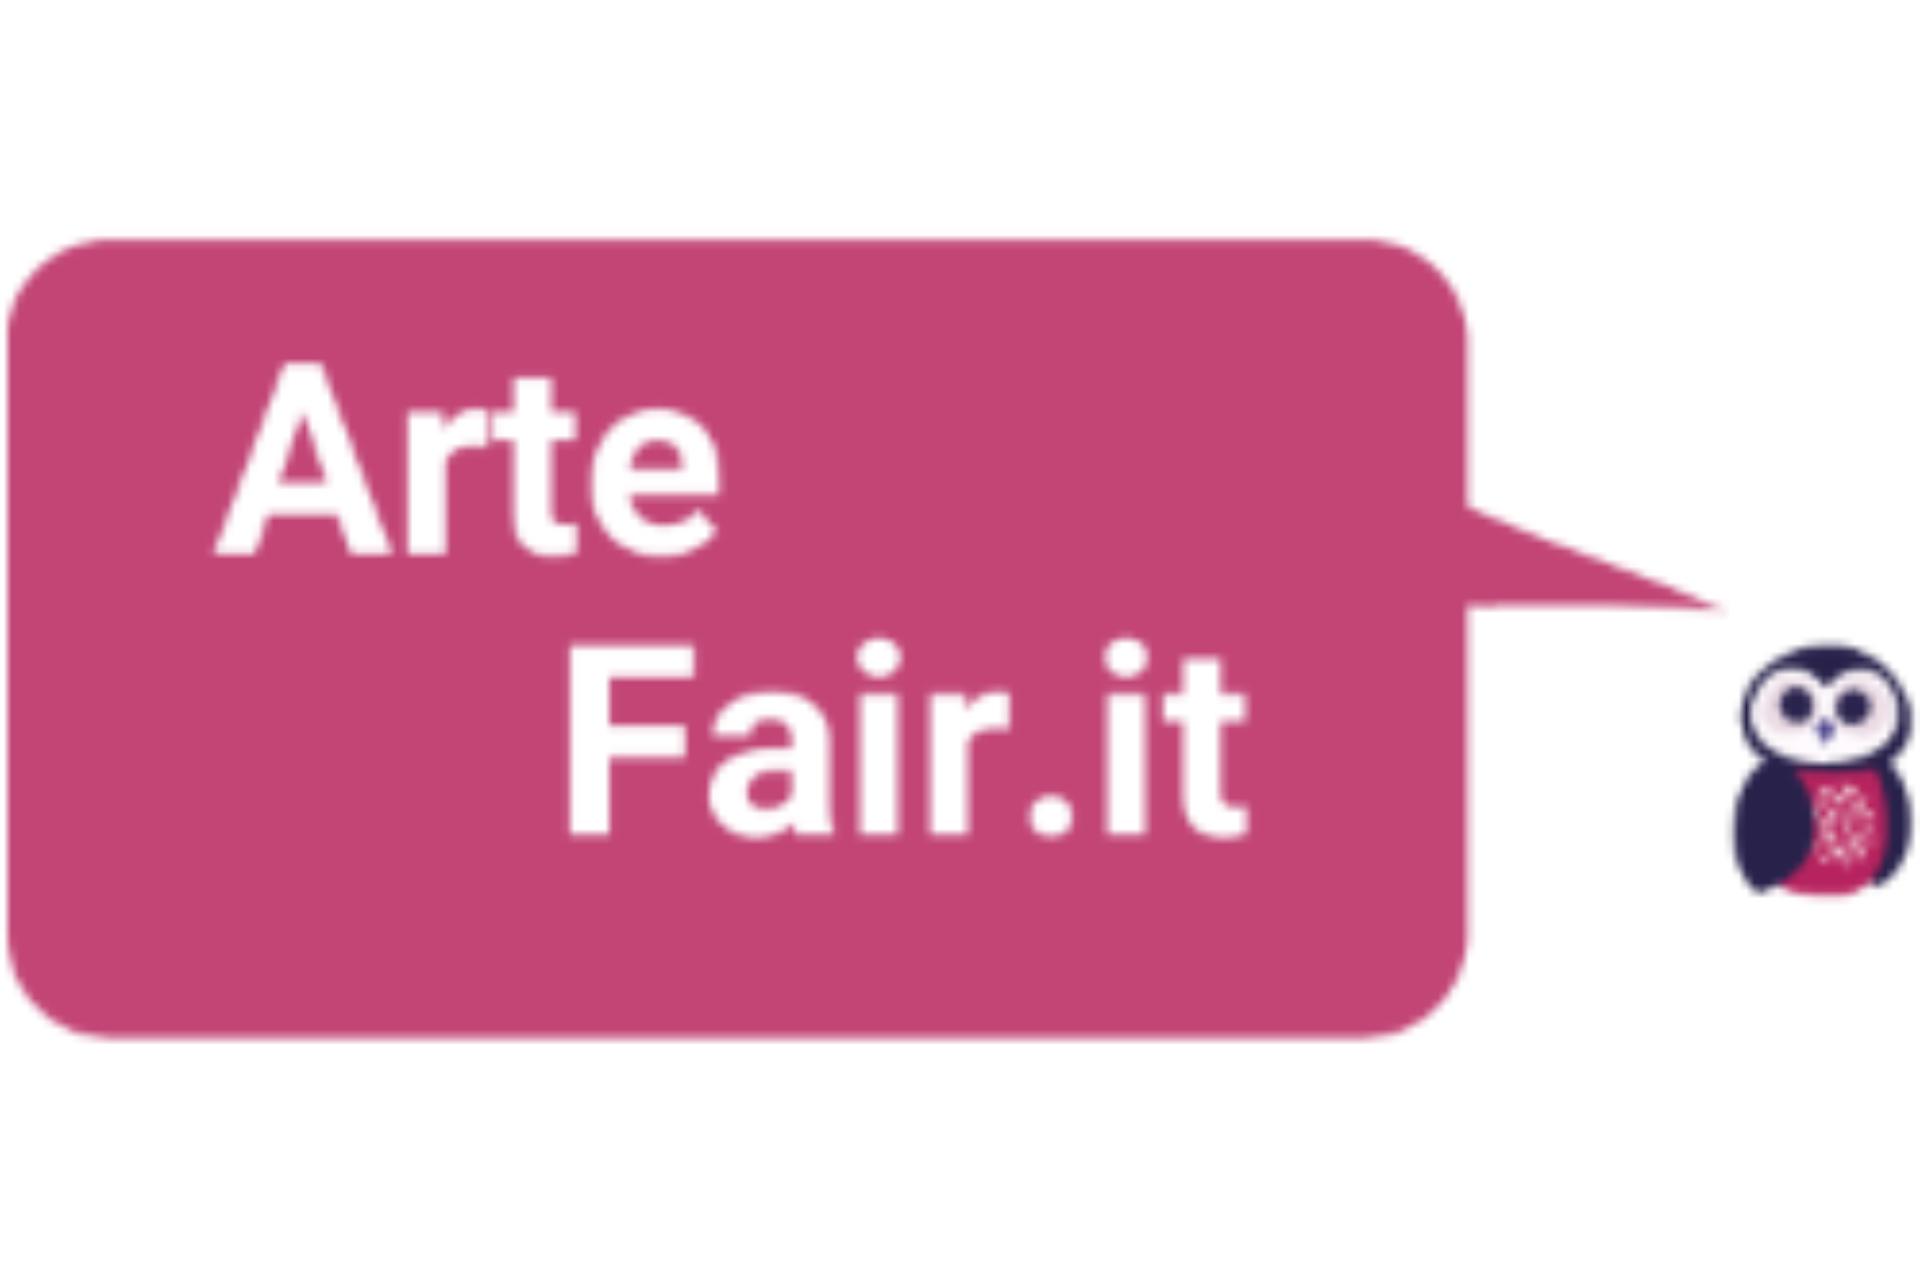 Arte Fair